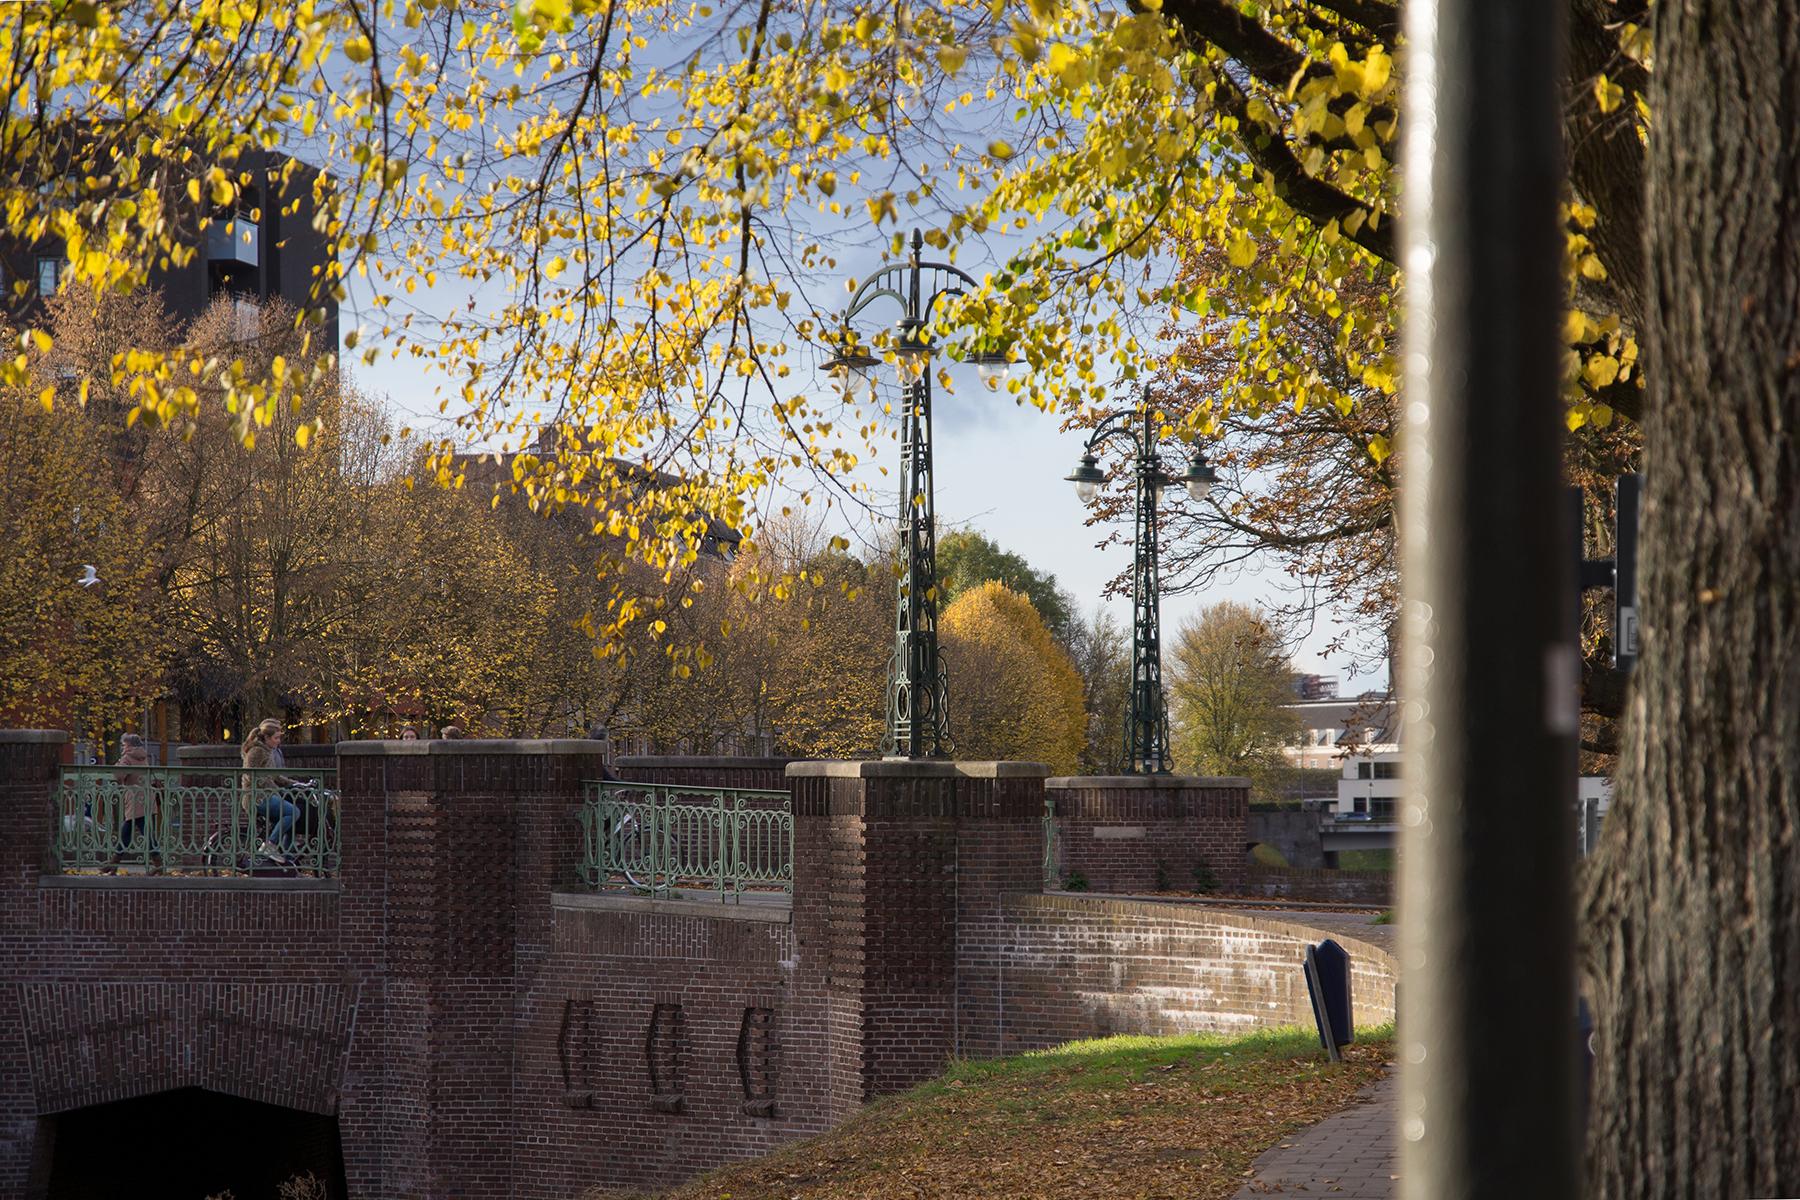 MSN_mast_services_Nederland_project_s-Hertogenbosch_Ruckertbrug_nostalgisch_lichtmasten_02 (1)